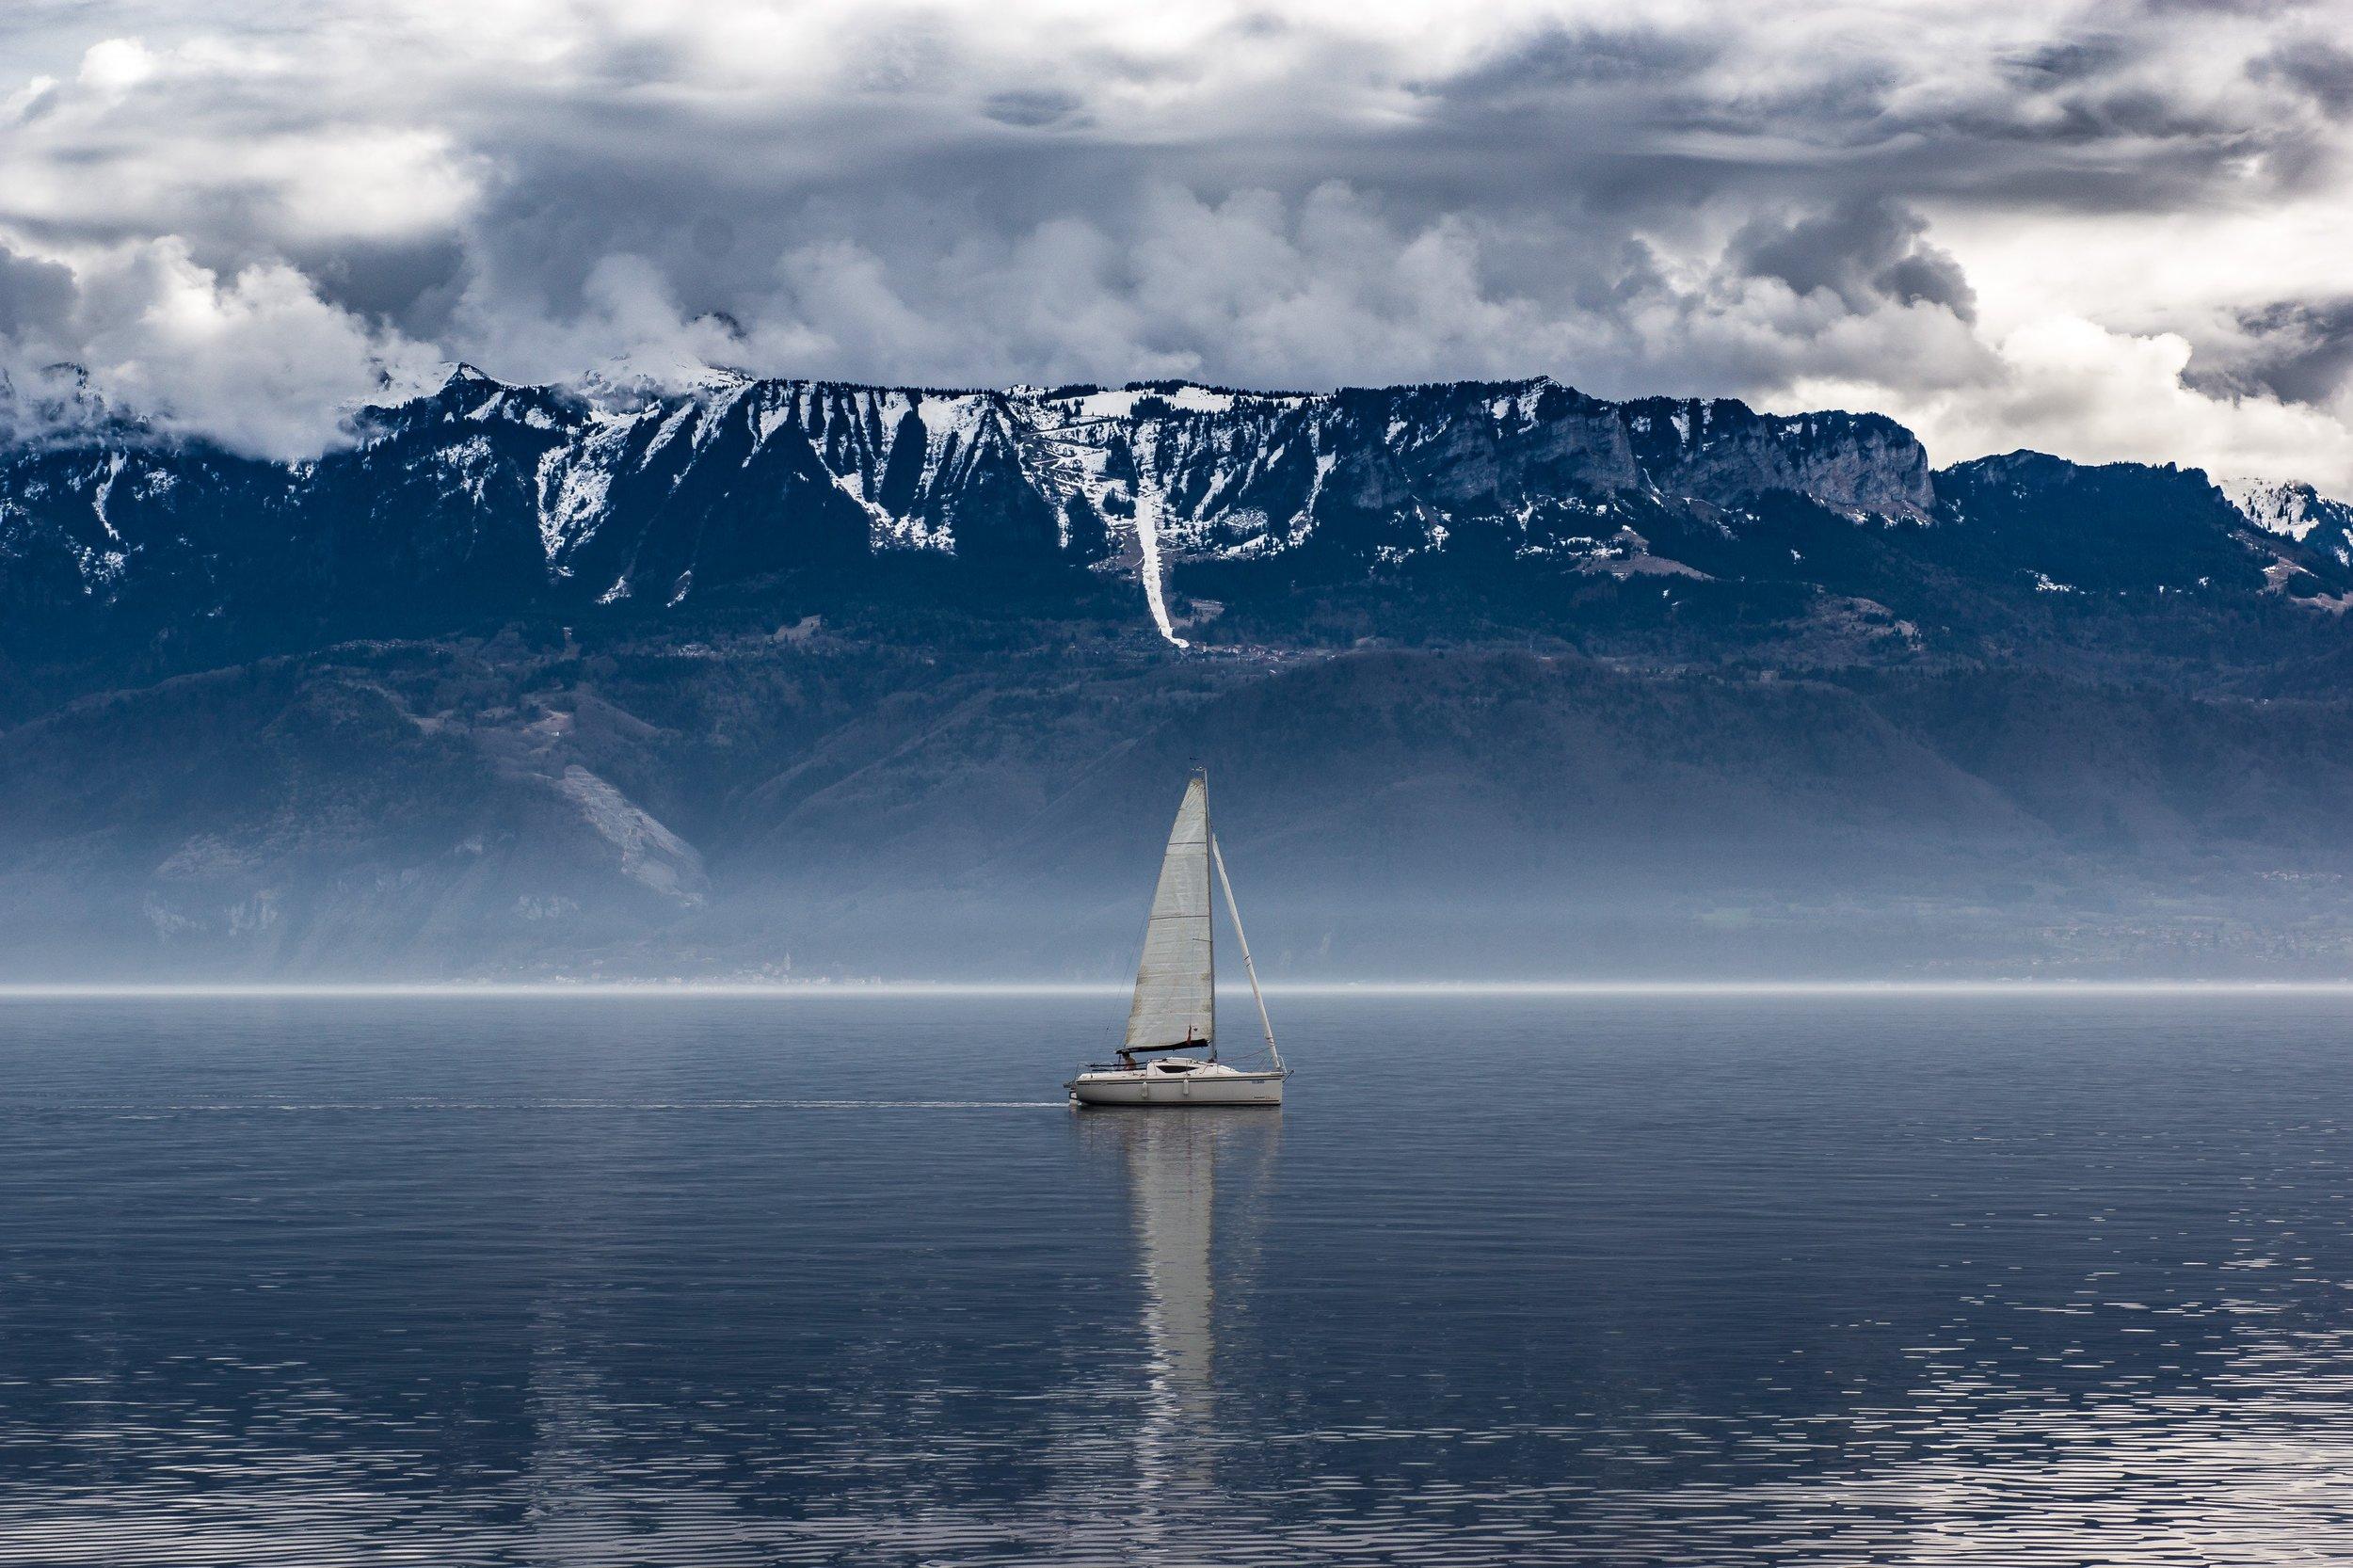 boat-clouds-cloudy-611328.jpg